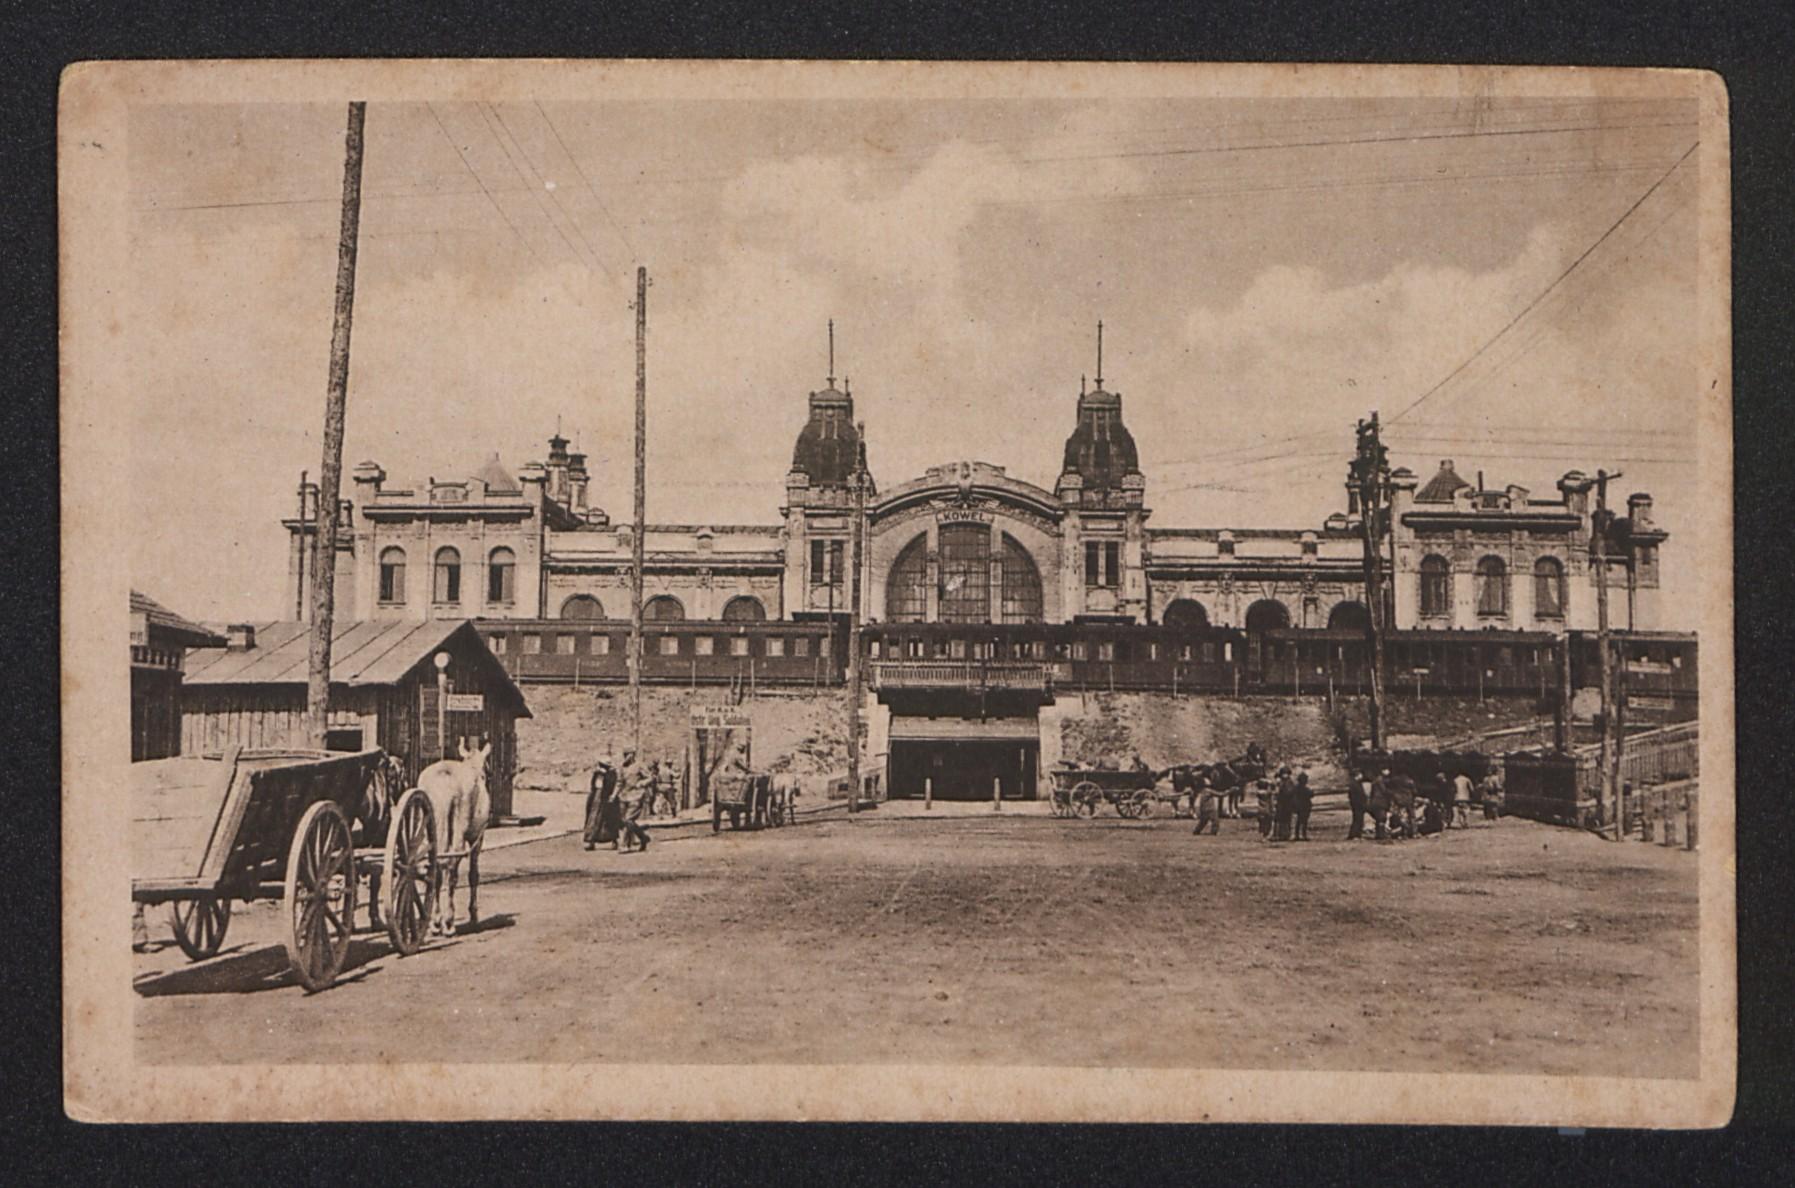 Ковельський вокзал, зображення після 1915 р.